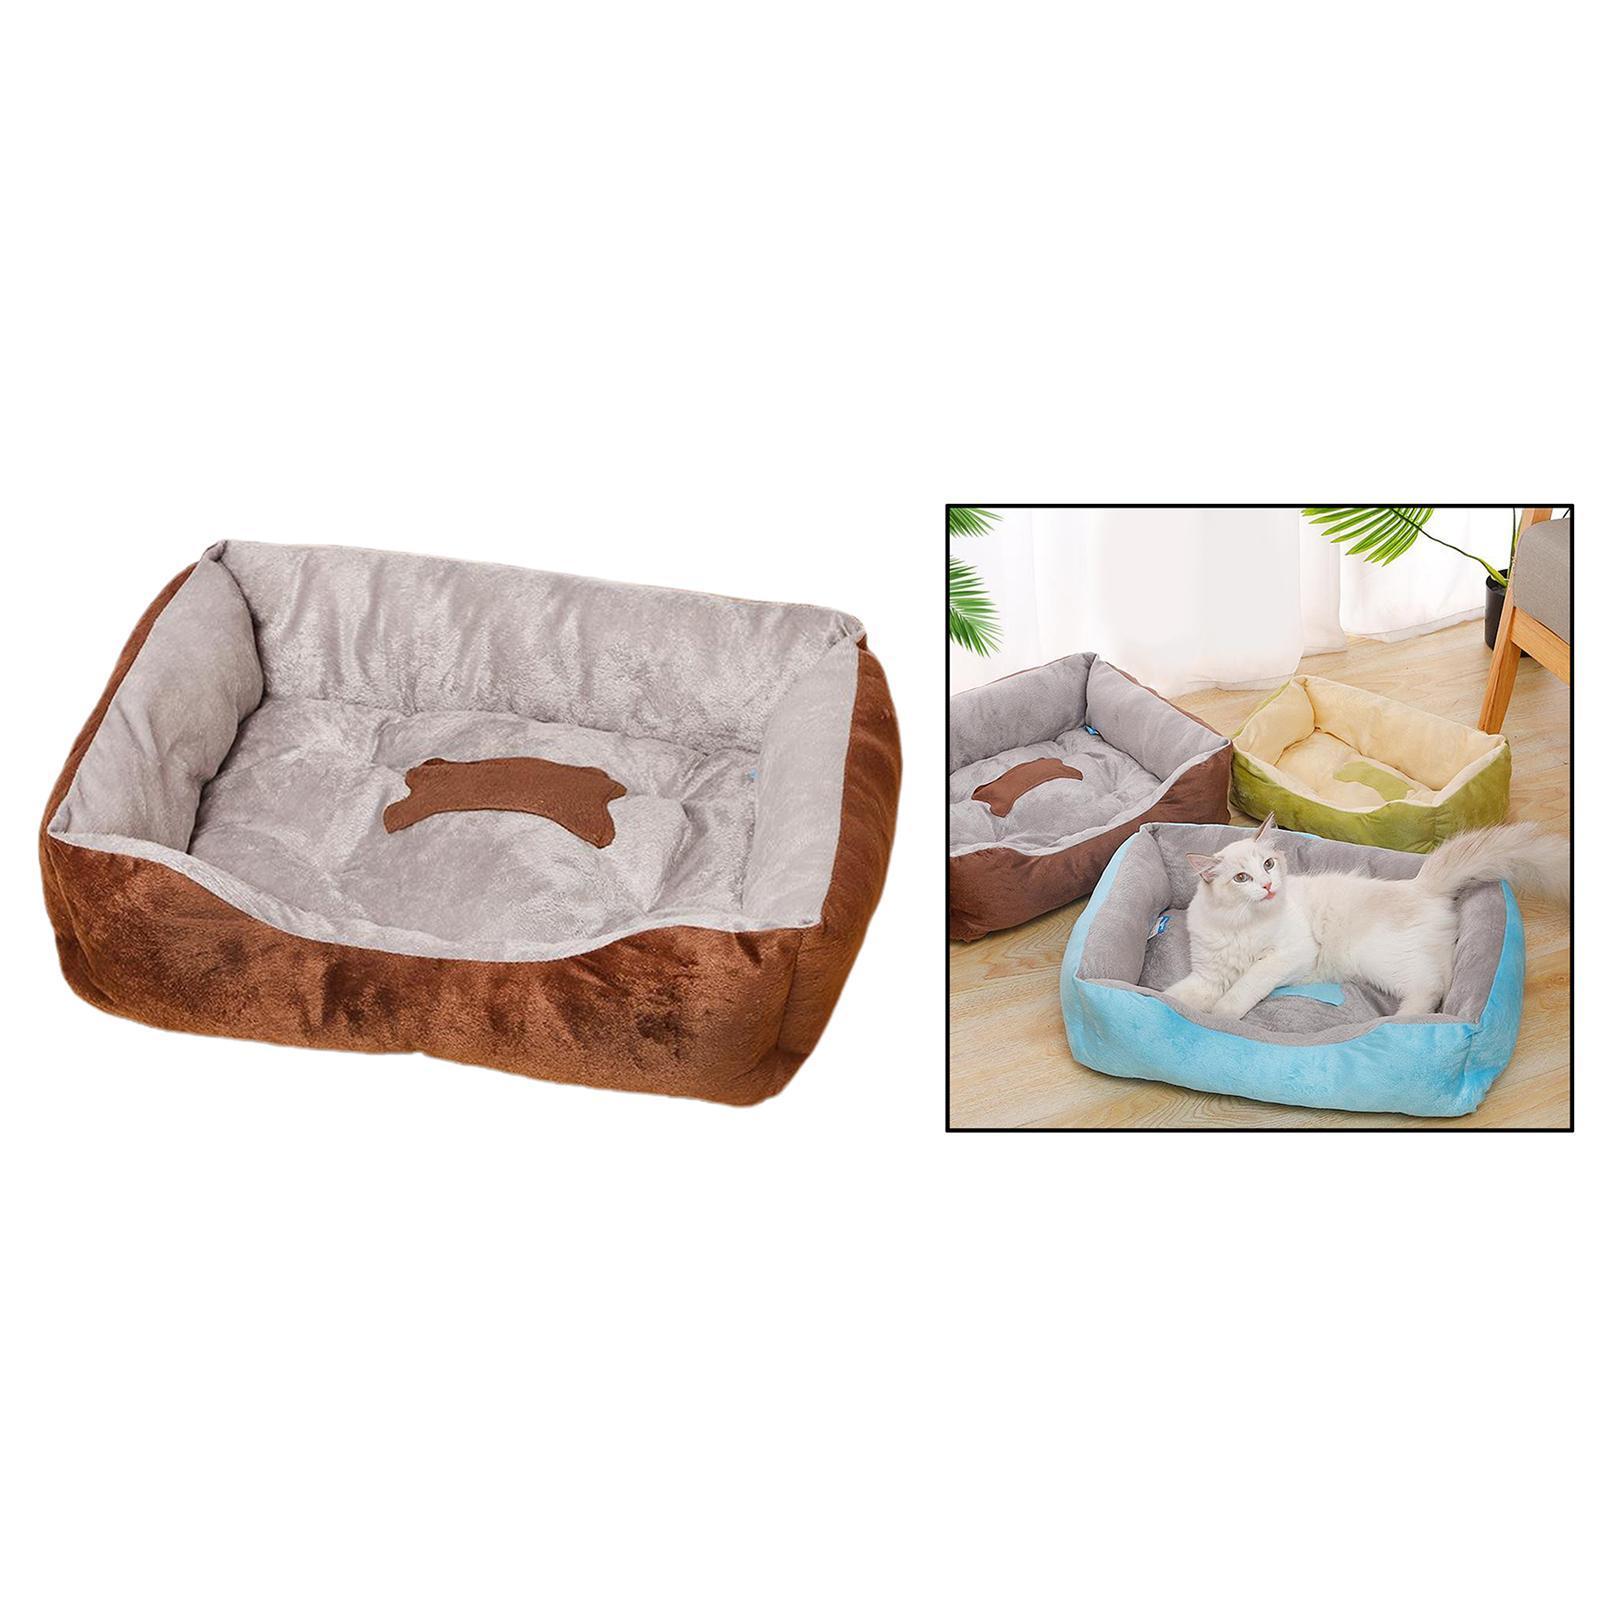 Indexbild 32 - Katze-Hund-Bett-Pet-Kissen-Betten-Haus-Schlaf-Soft-Warmen-Zwinger-Decke-Nest